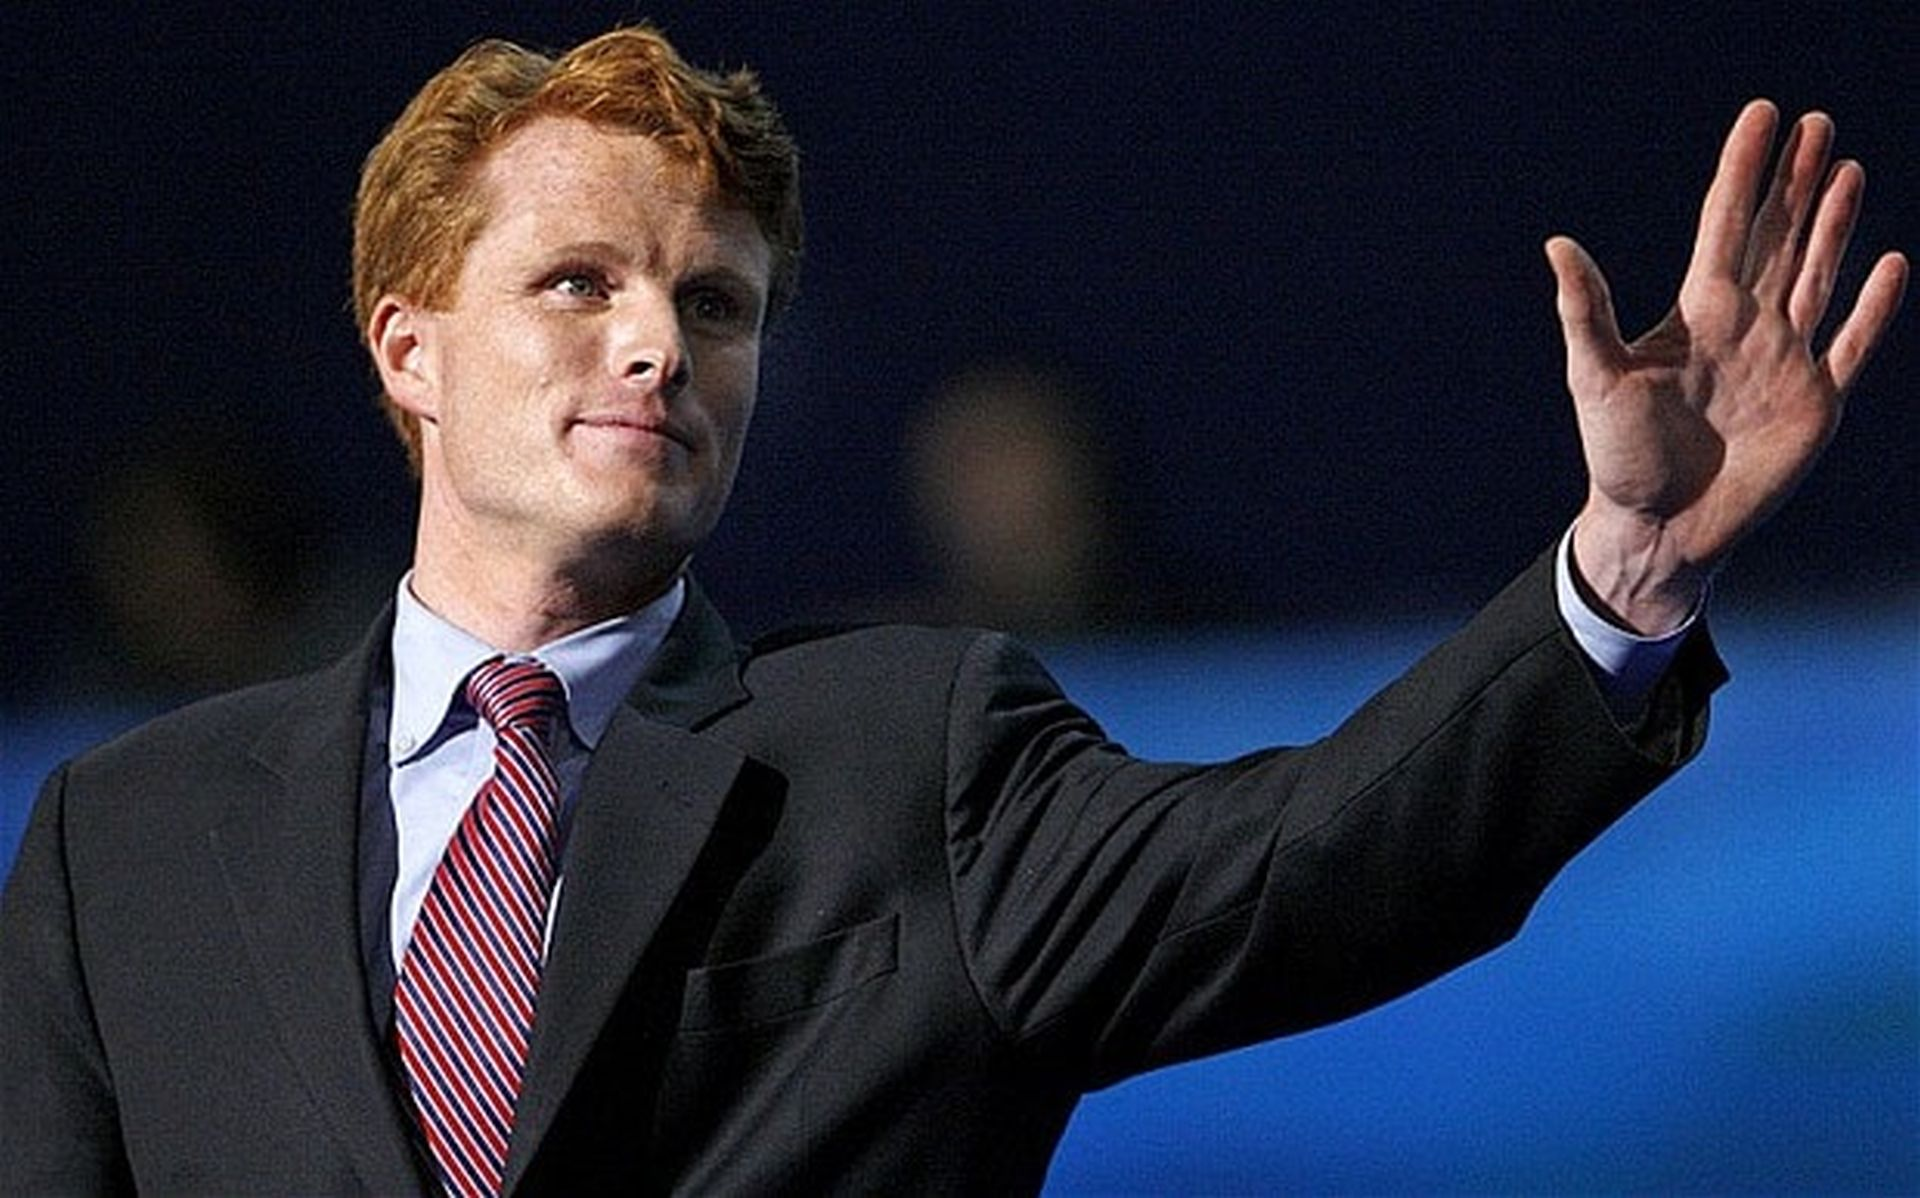 Trumpu će u ime Demokrata odgovoriti Kennedy